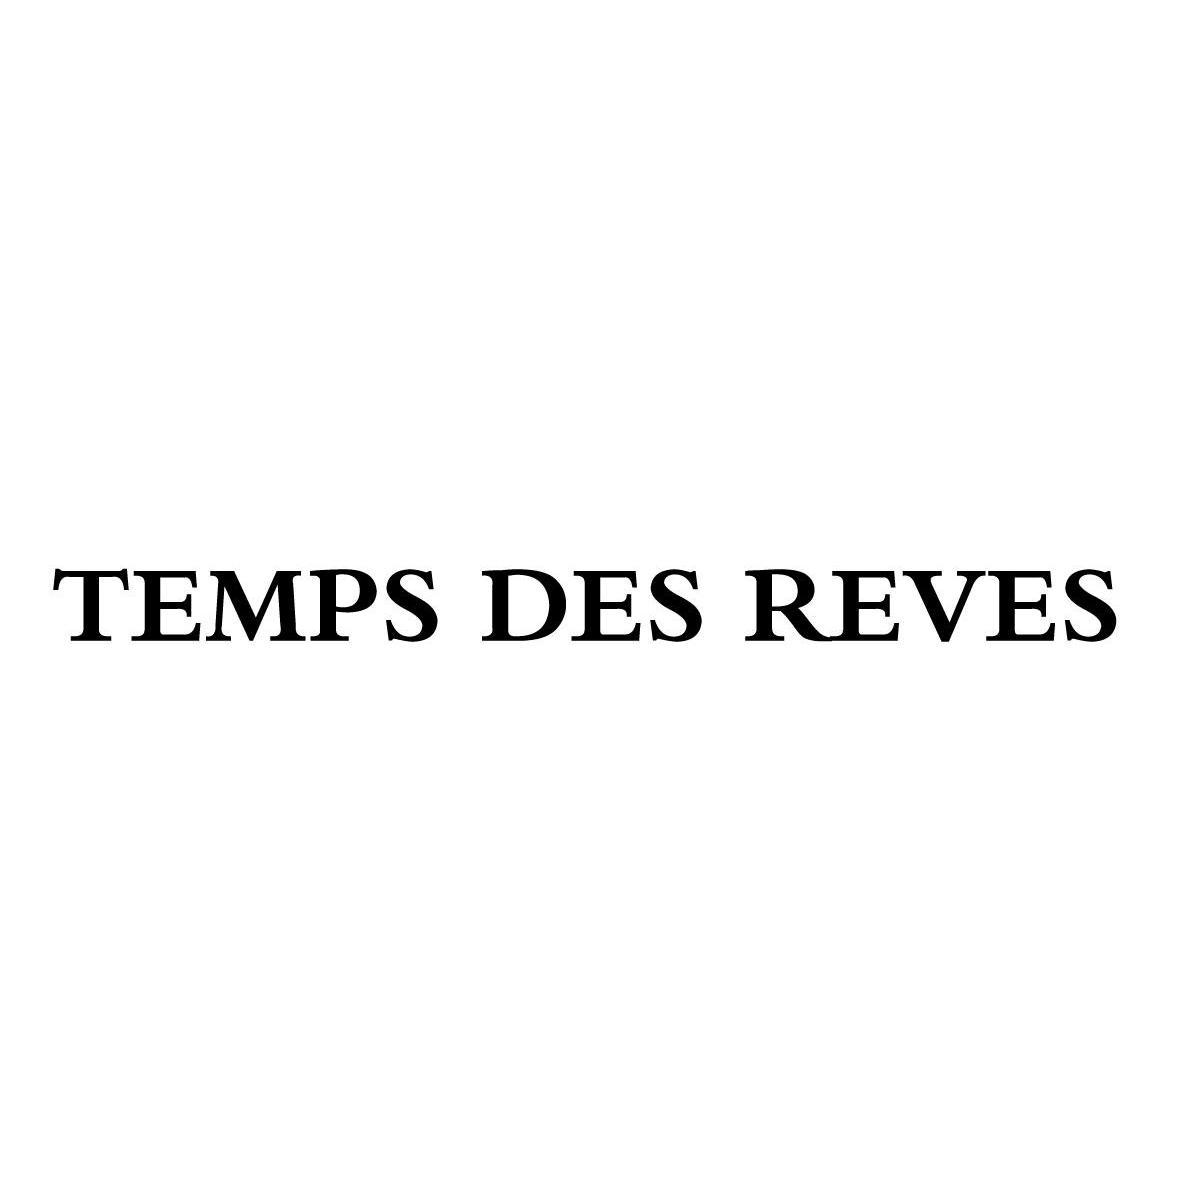 TEMPS DES REVES